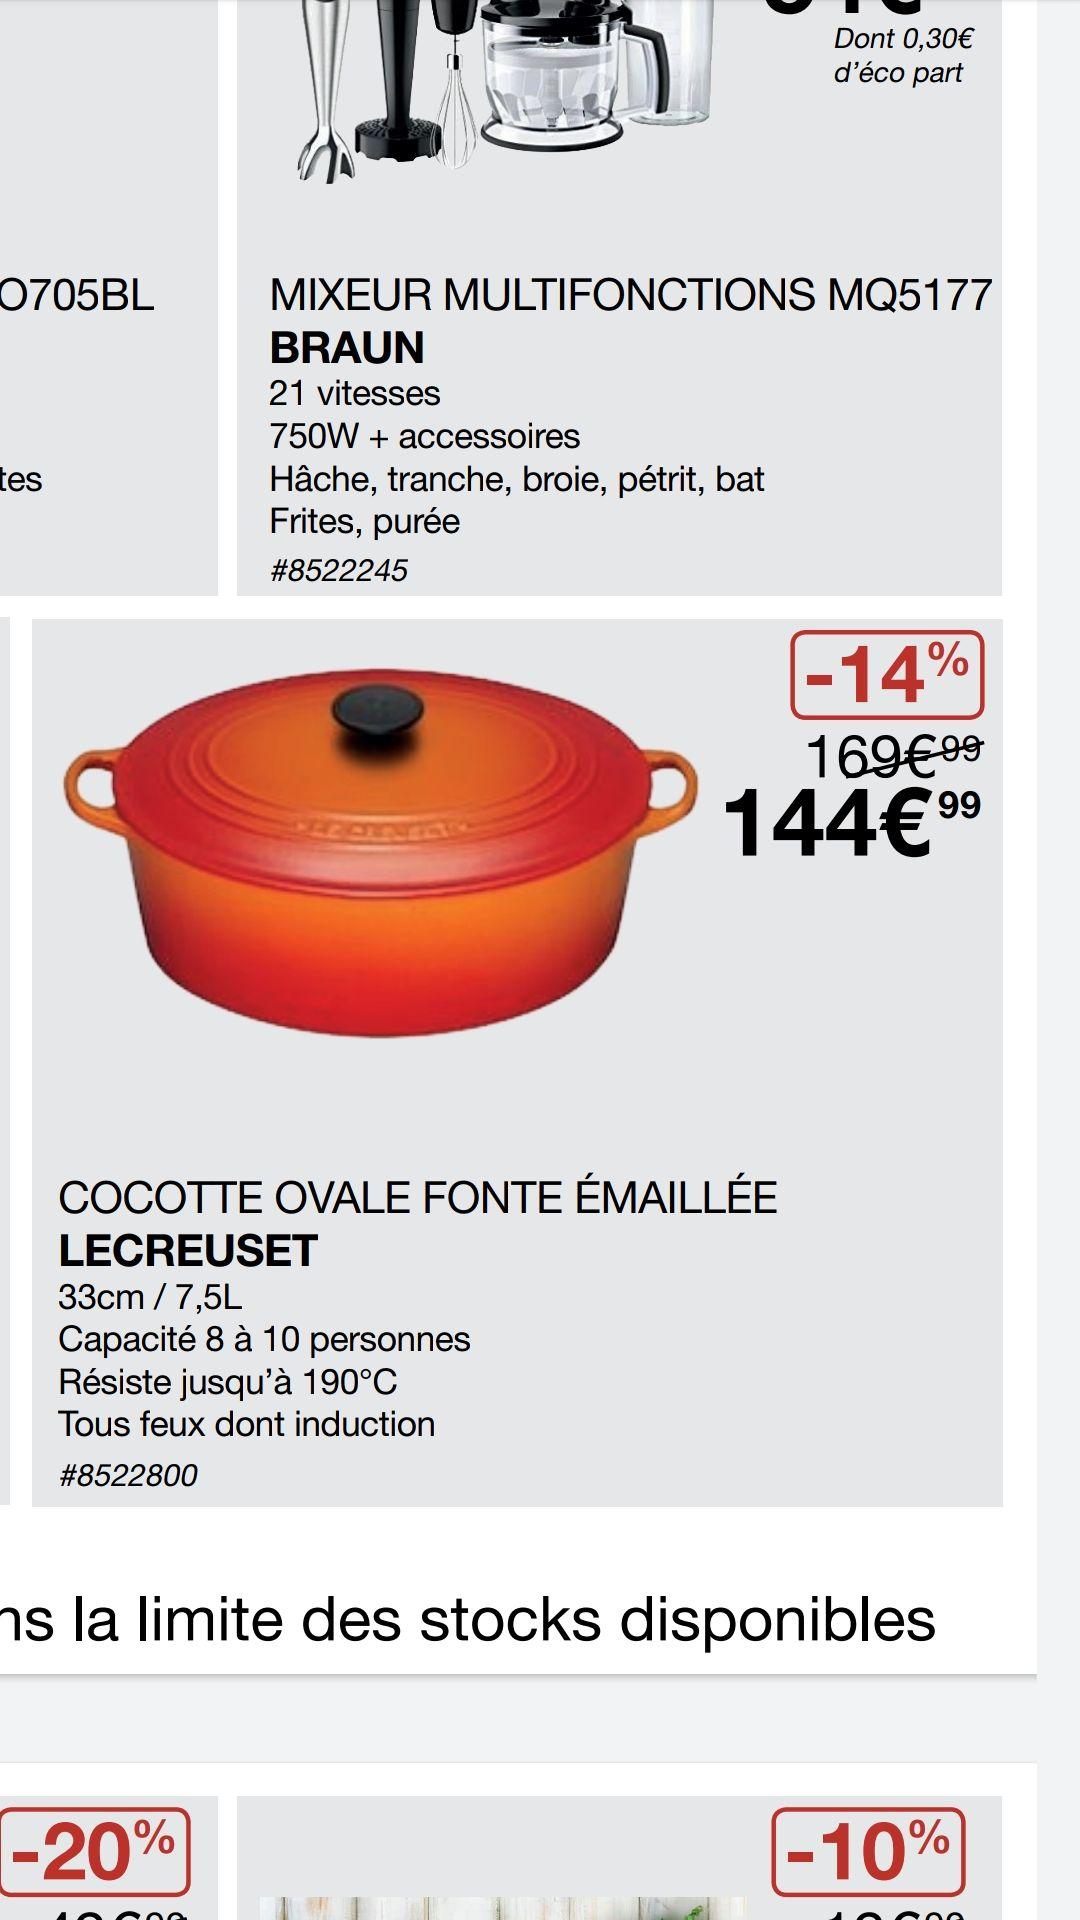 [Carte Costco] Cocotte ovale Le Creuset - 33 cm / 7,5L - Villebon-Sur-Yvette (91)